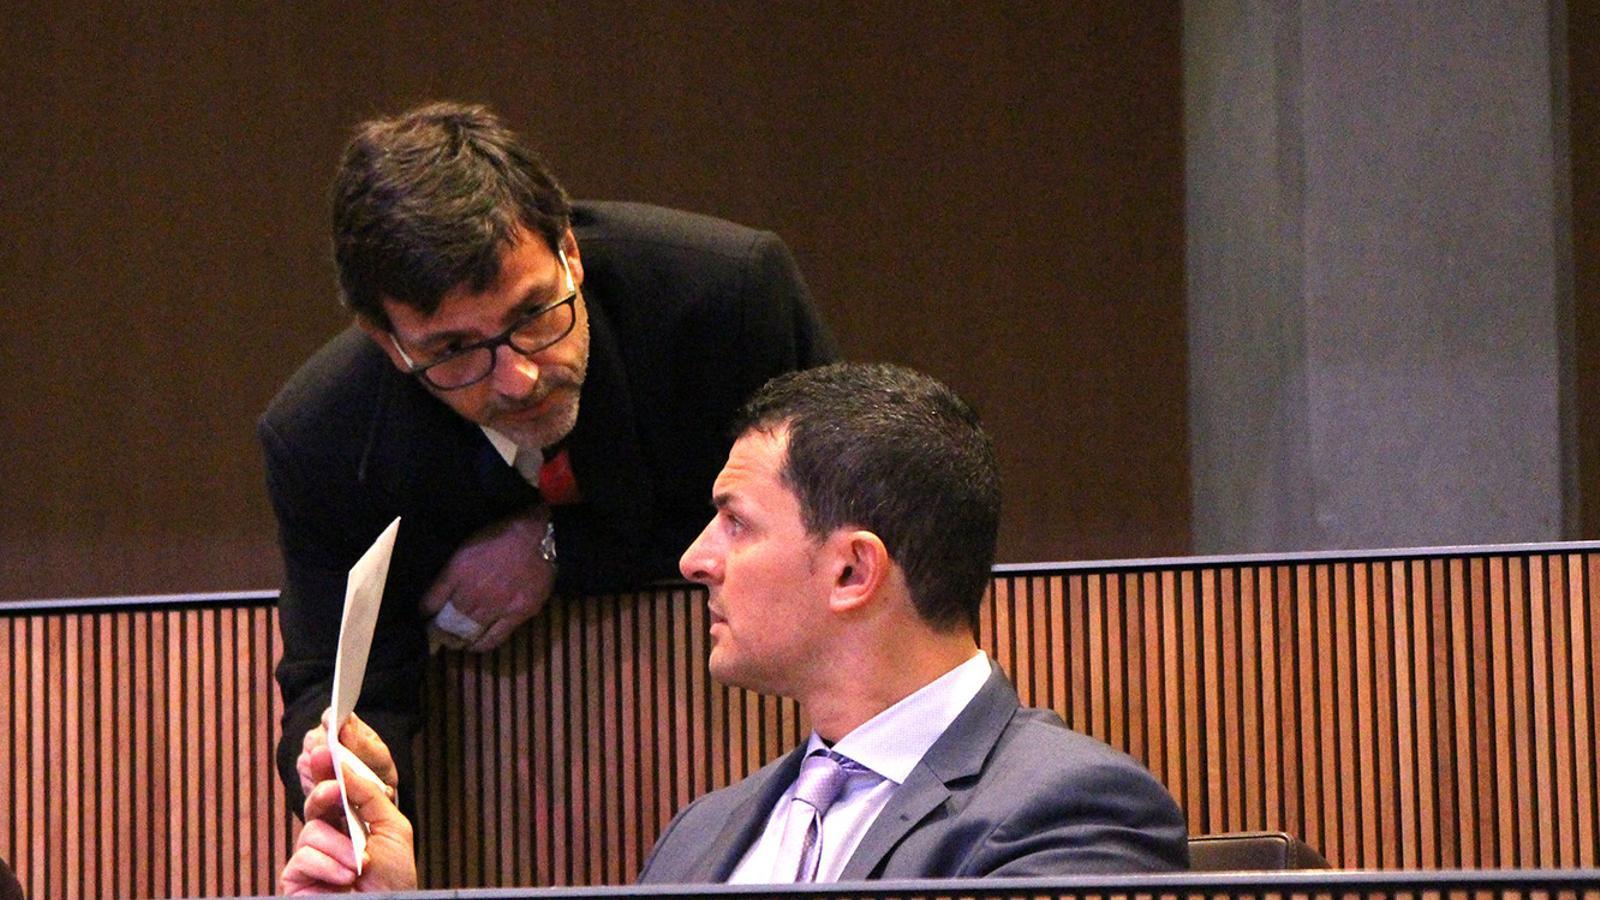 El ministres de Finances, Jordi Cinca, conversa amb el president del grup parlamentari liberal, Jordi Gallardo, moments abans de l'inici de la sessió de Consell General. / M. F. (ANA)